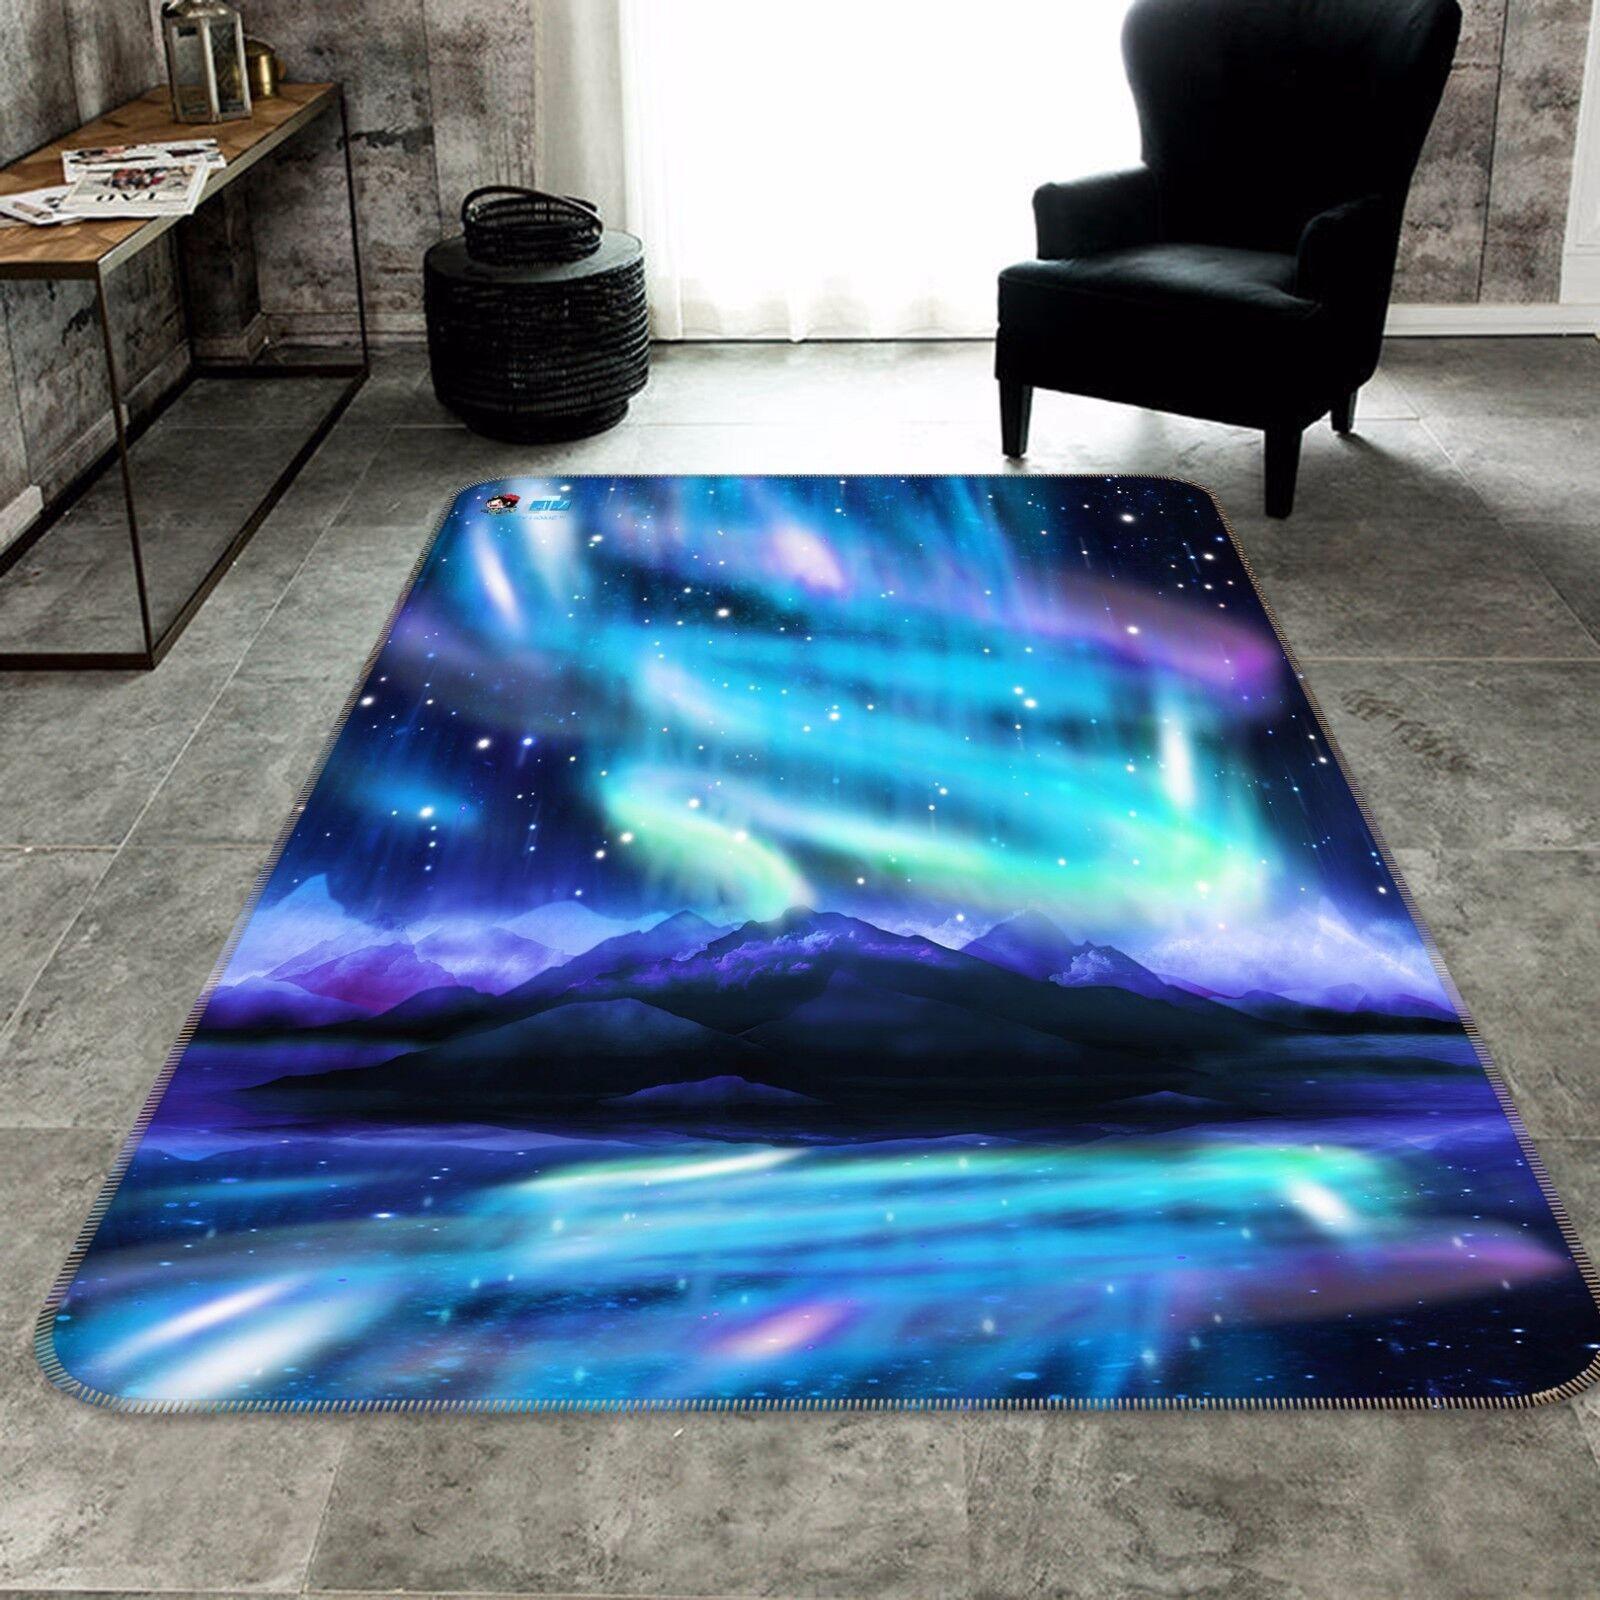 3D Bule Stars 454 Slip Slip Slip Rug Mat Room Mat Quality Elegant Photo Carpet AU Summer 0e560d